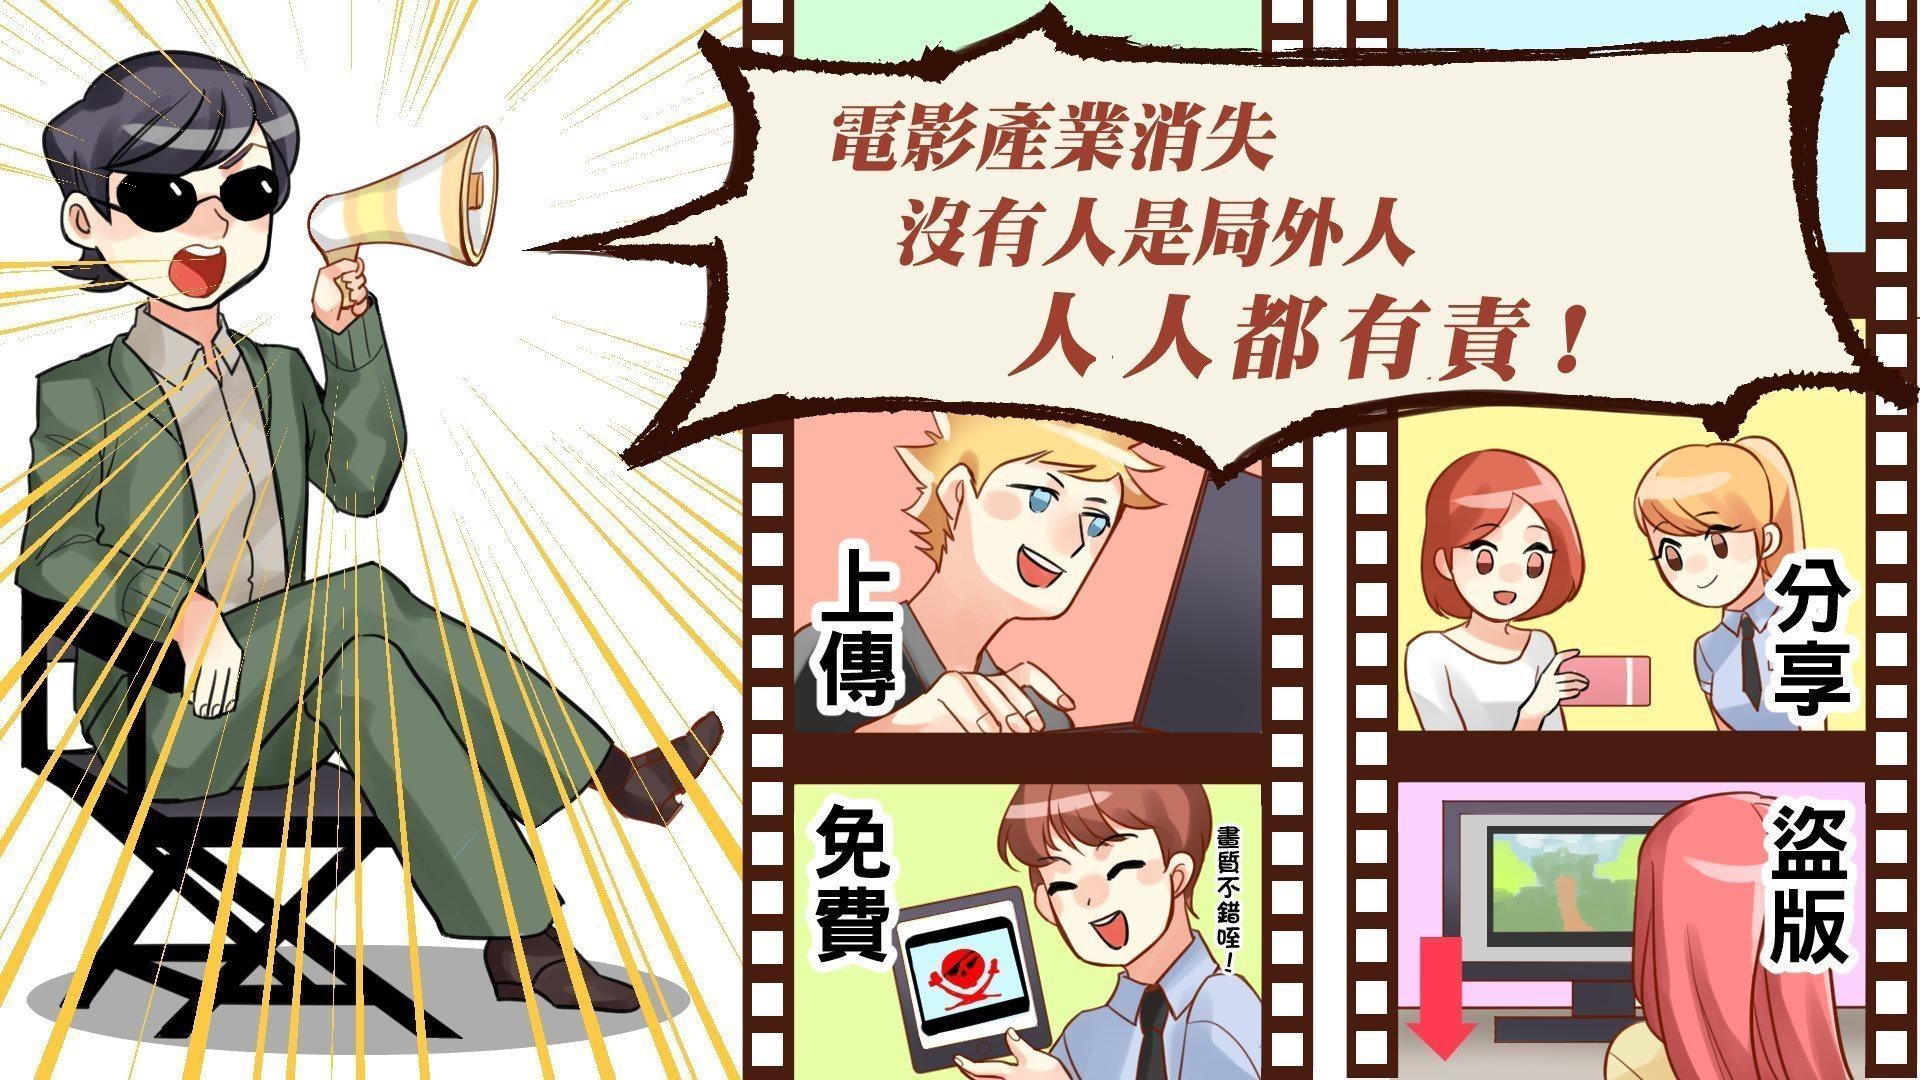 保護電影著作權【四不一要,捍衛電影產業的英雄就是你】